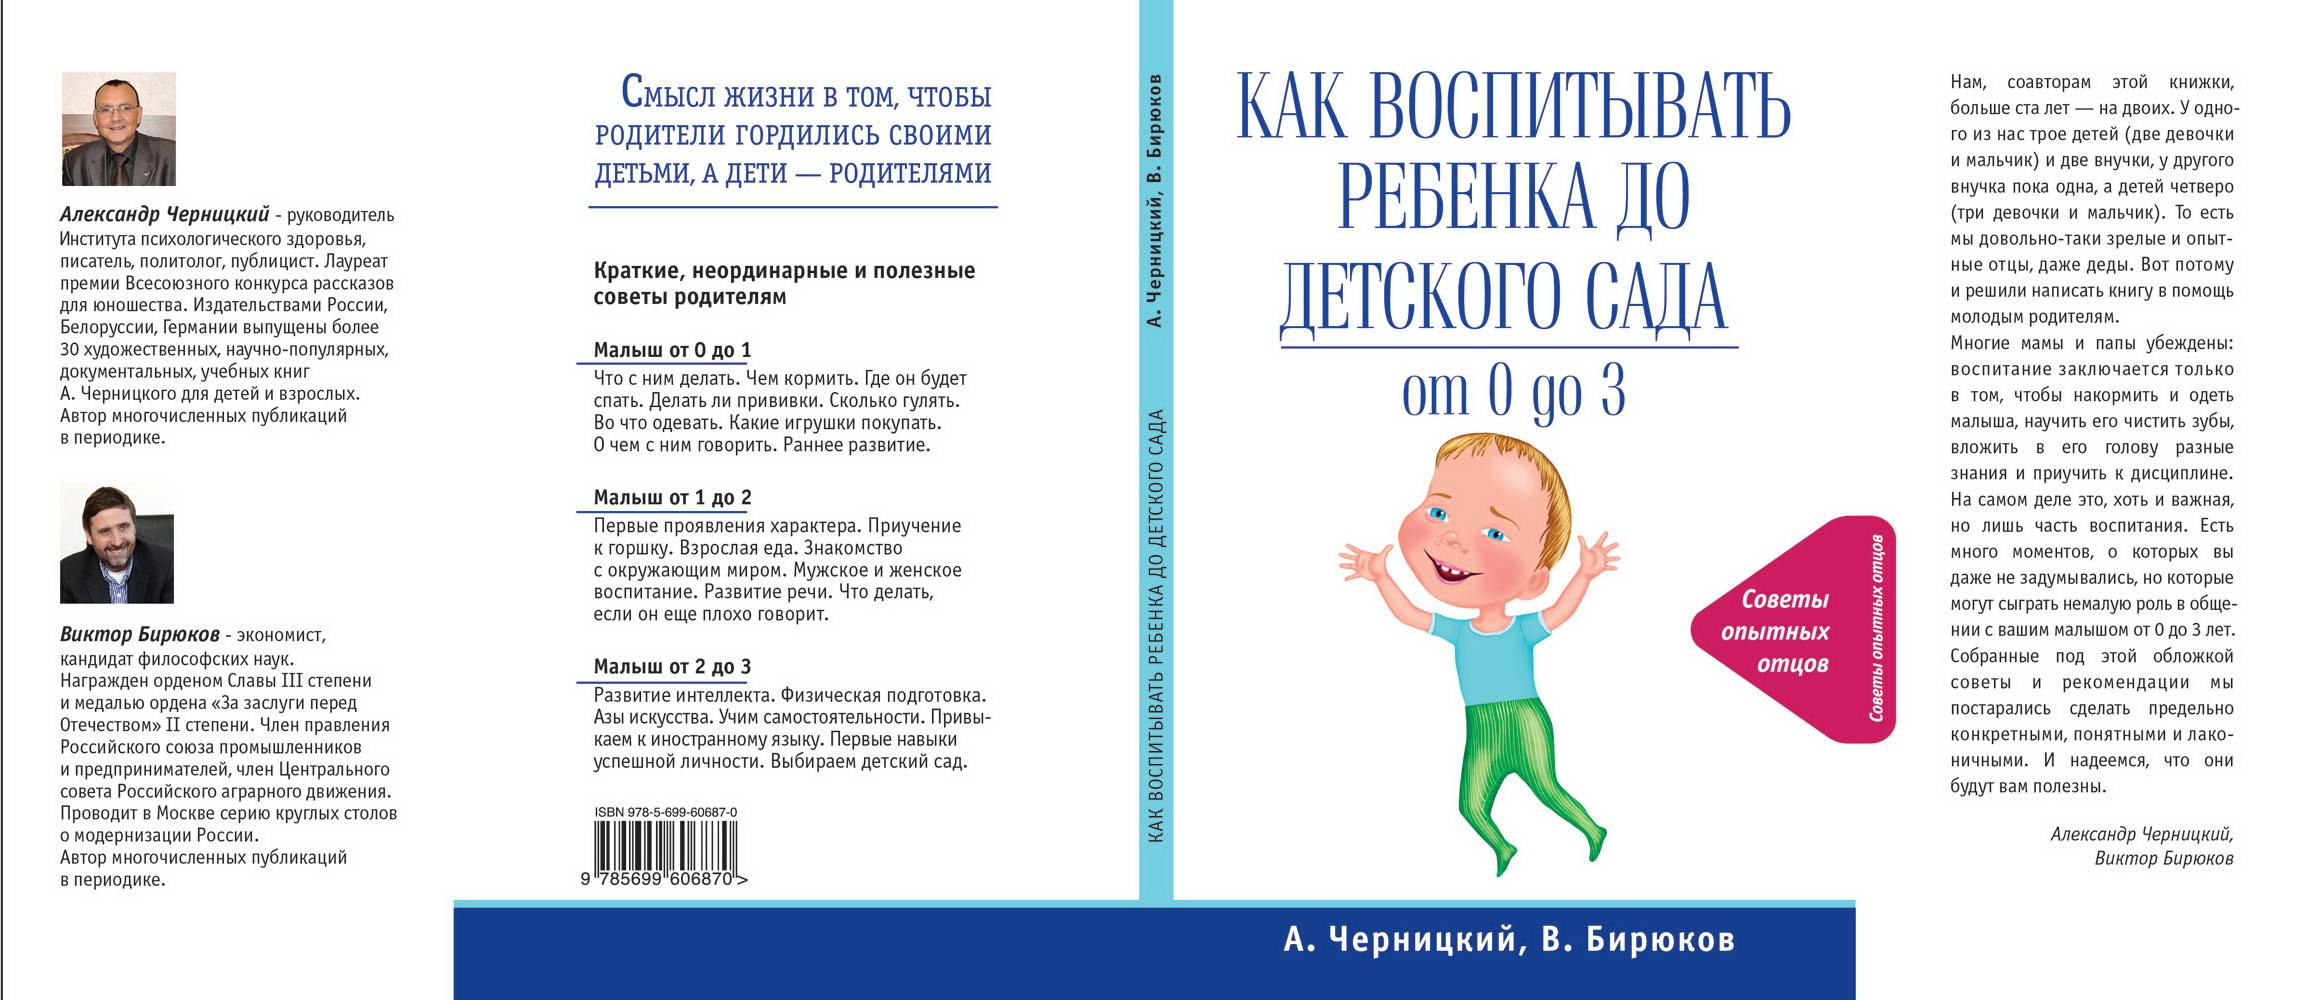 Обложка Как воспитывать ребенка до детского сада